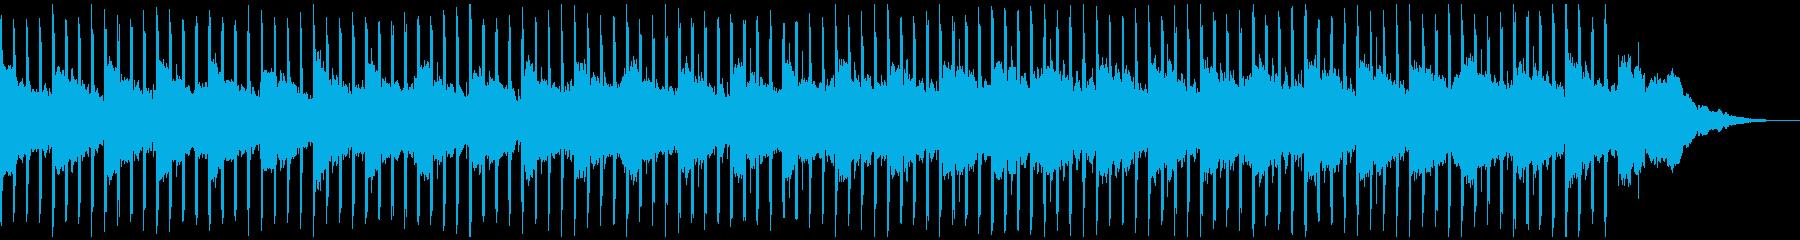 イベントコーポレート(中)の再生済みの波形